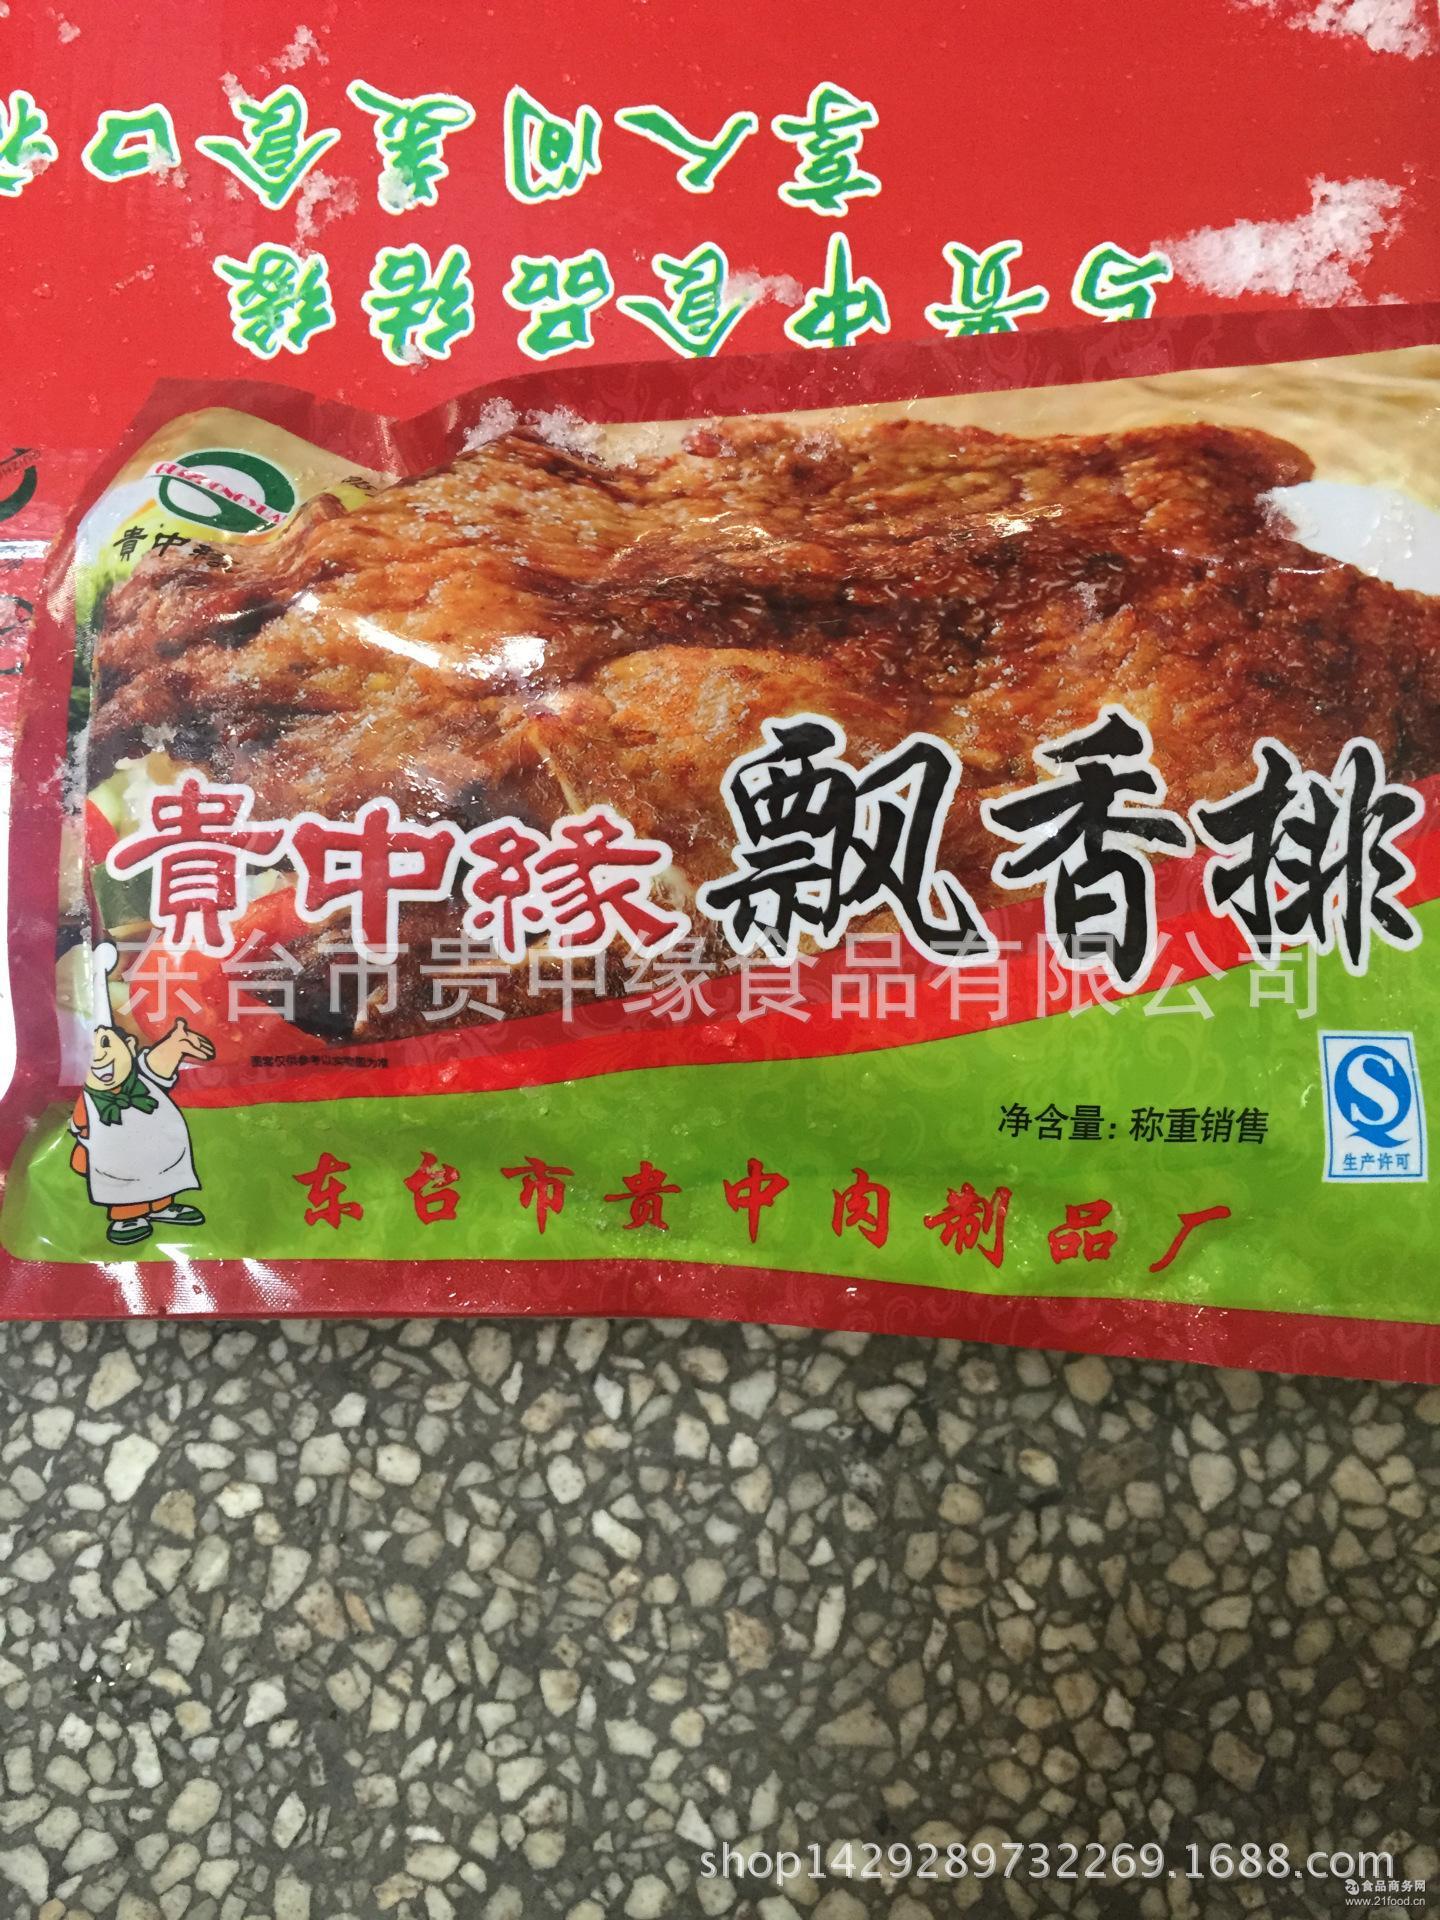 油炸猪排 厂家直销 【酒店特色菜】贵中缘速冻飘香排 调理品